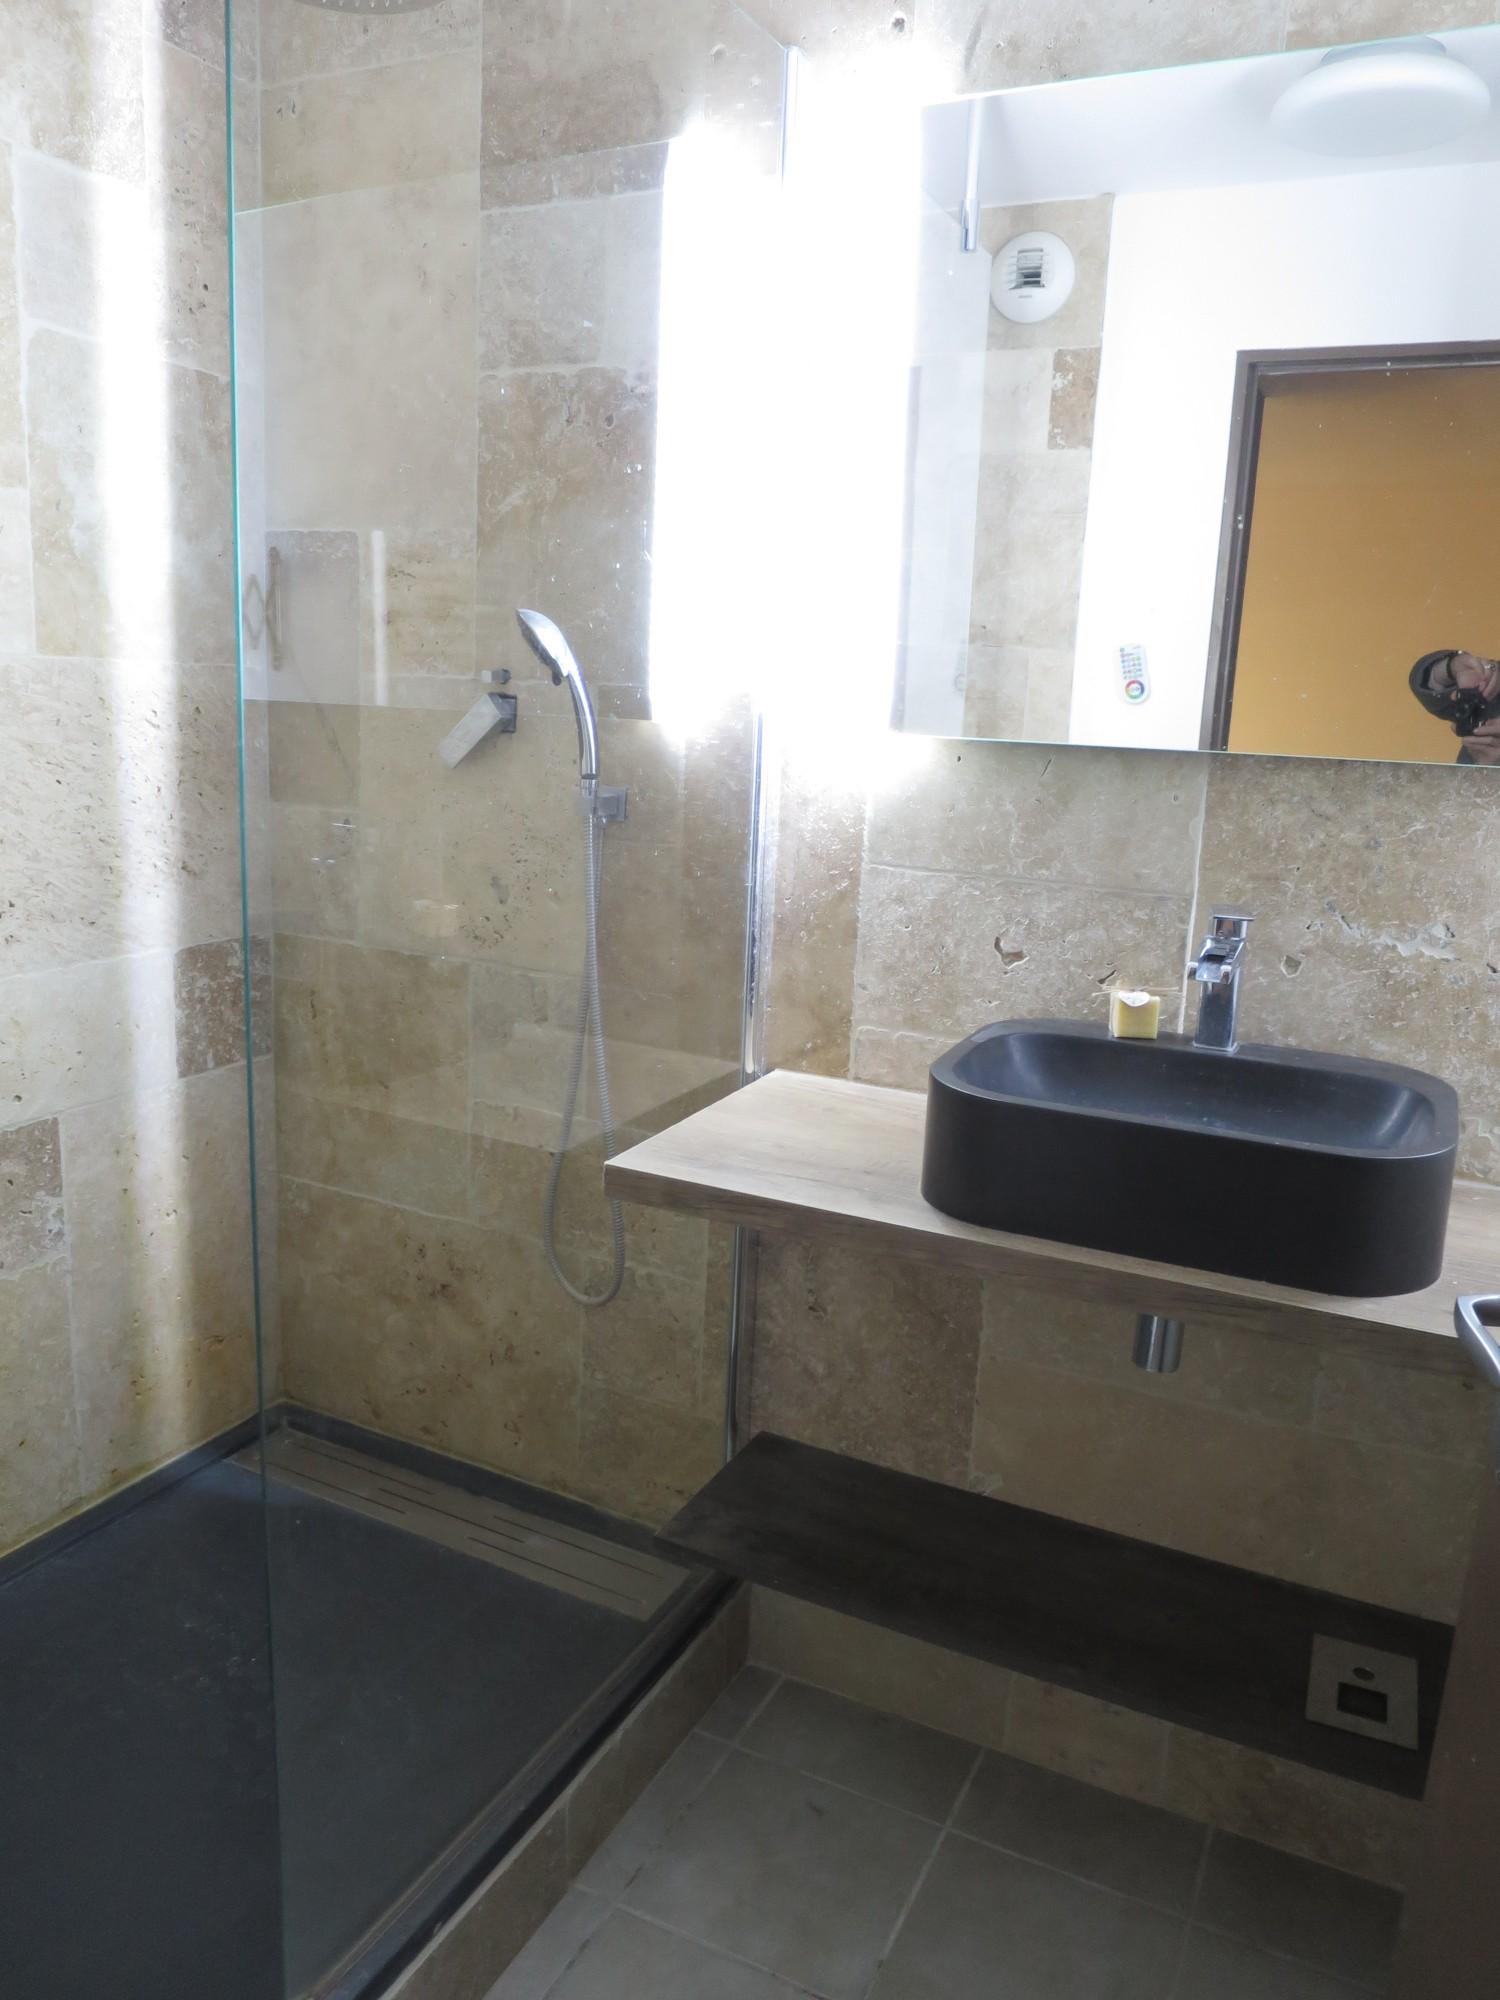 Appartement T2 Avec Parking Dans Residence Securisee Entierement